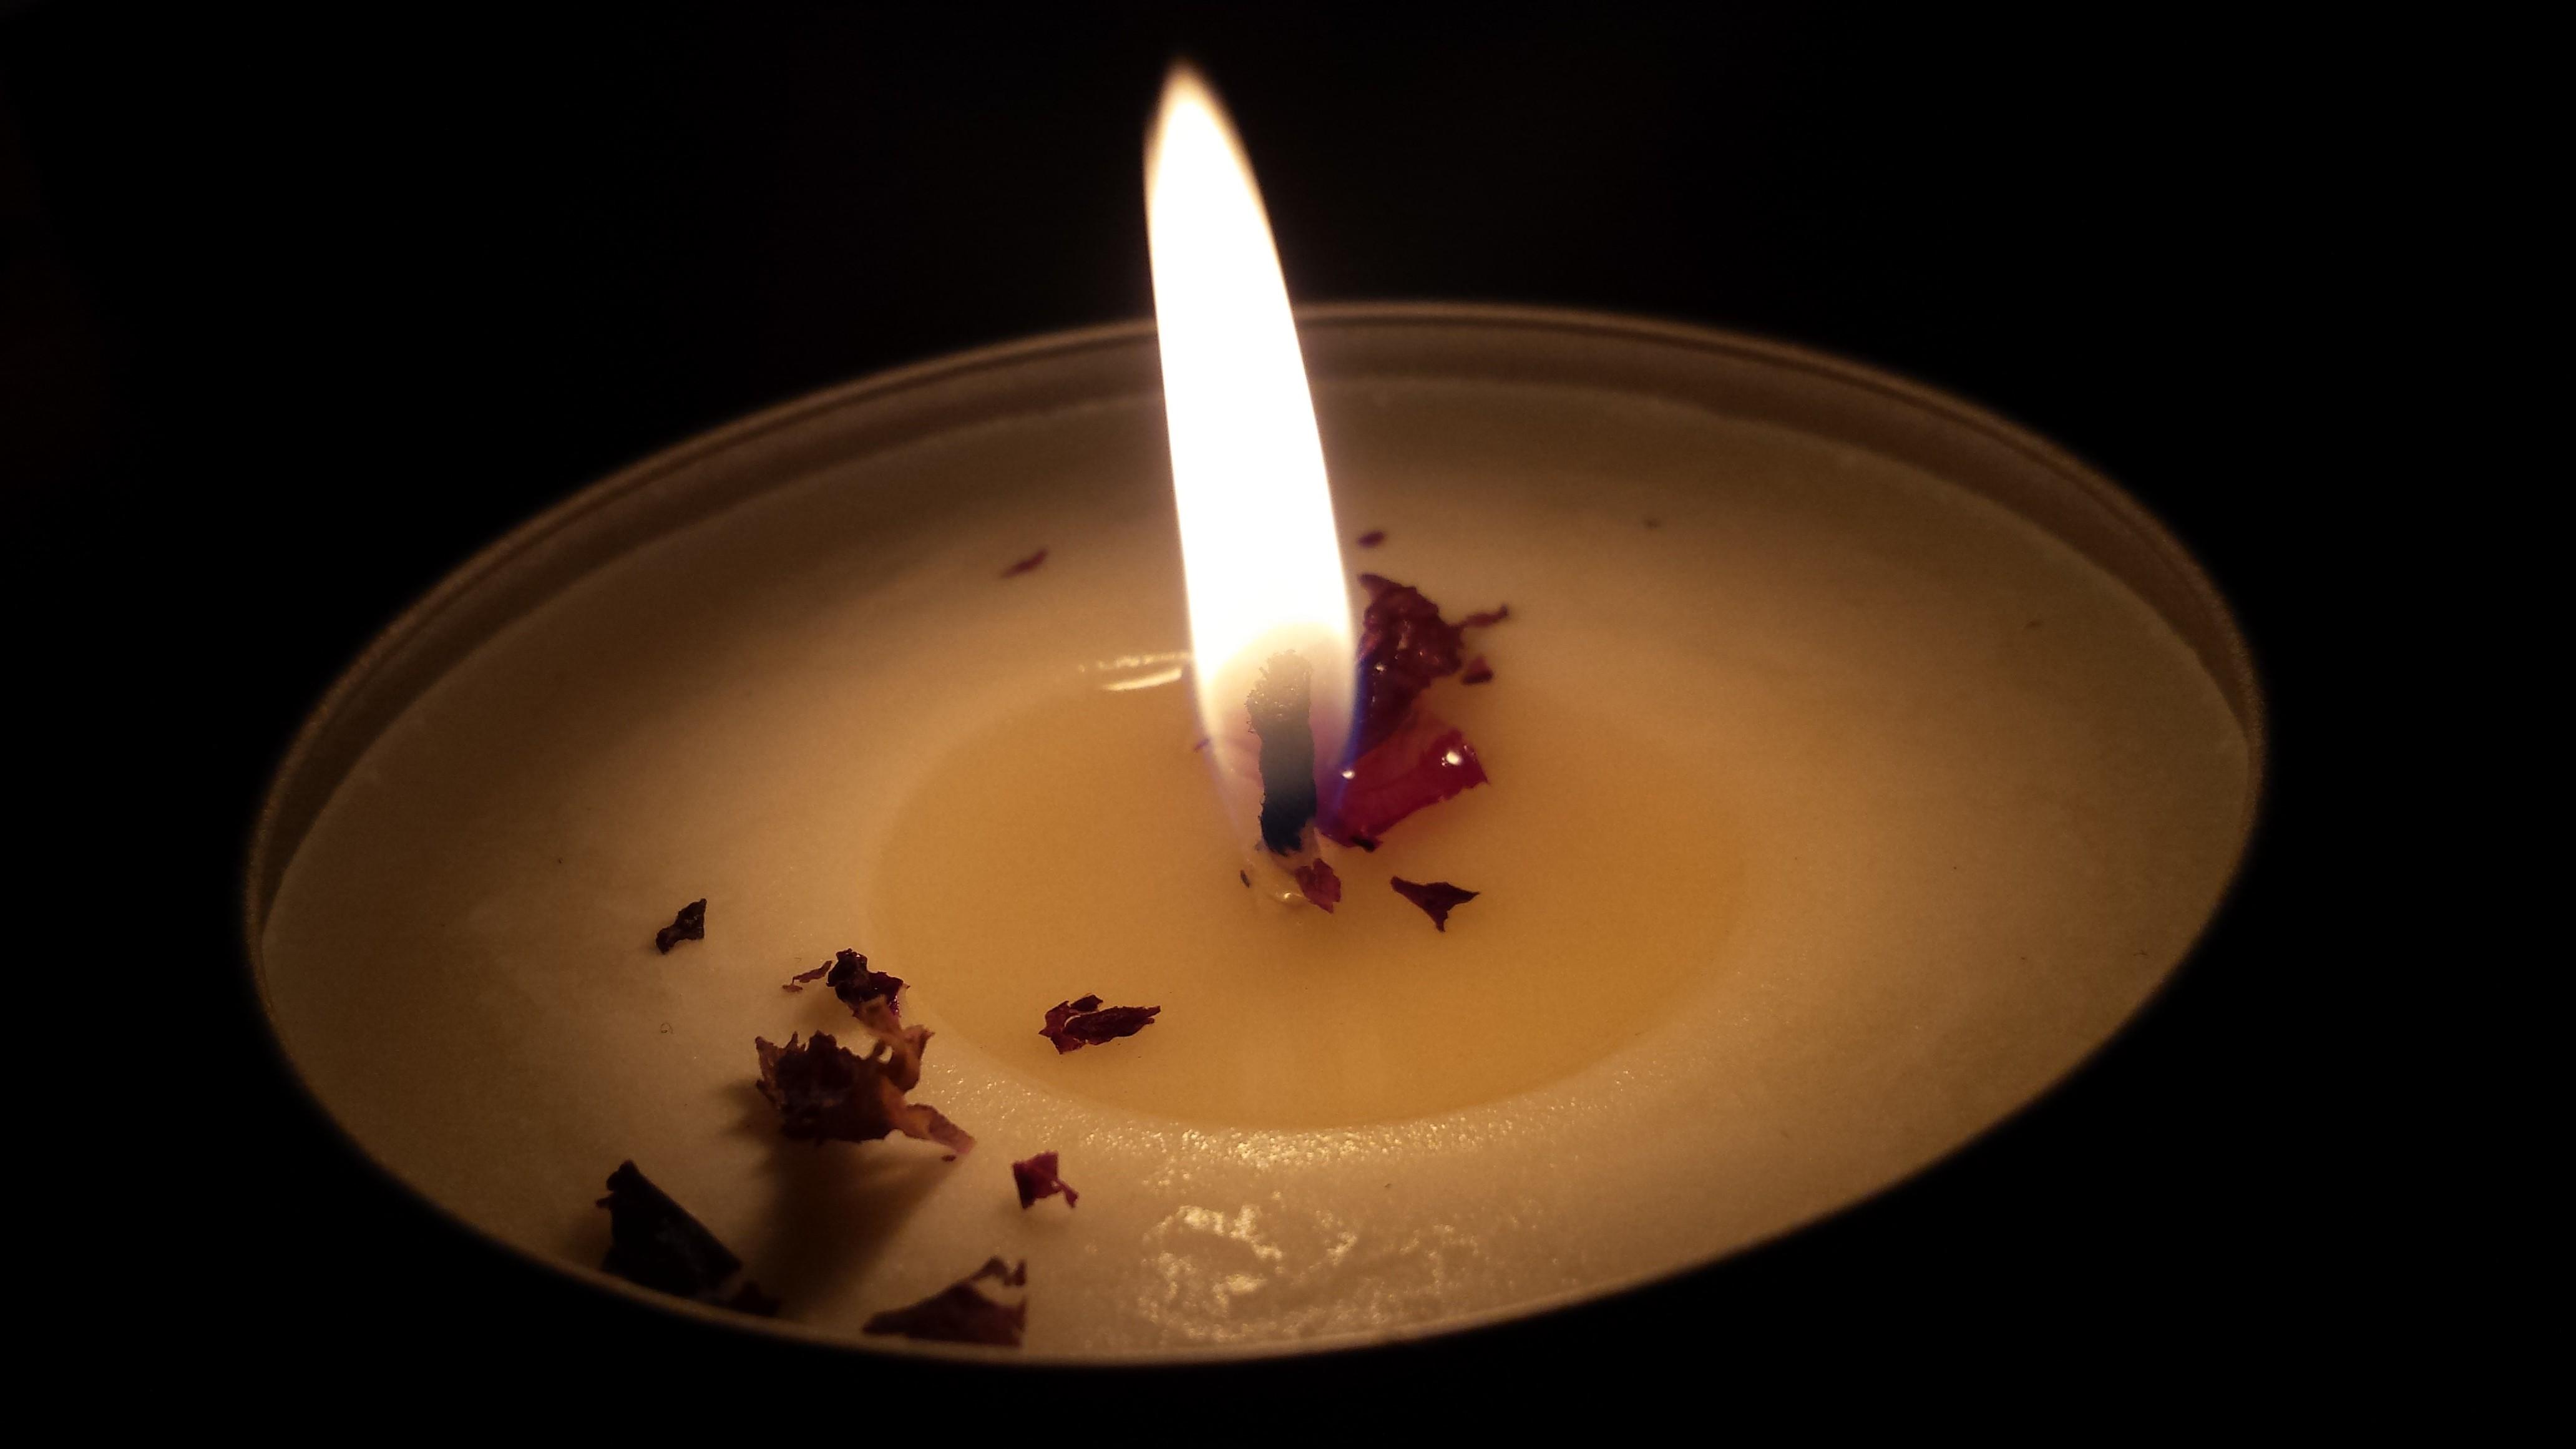 Sfondi buio candele fuoco rilassamento rilassante caldo